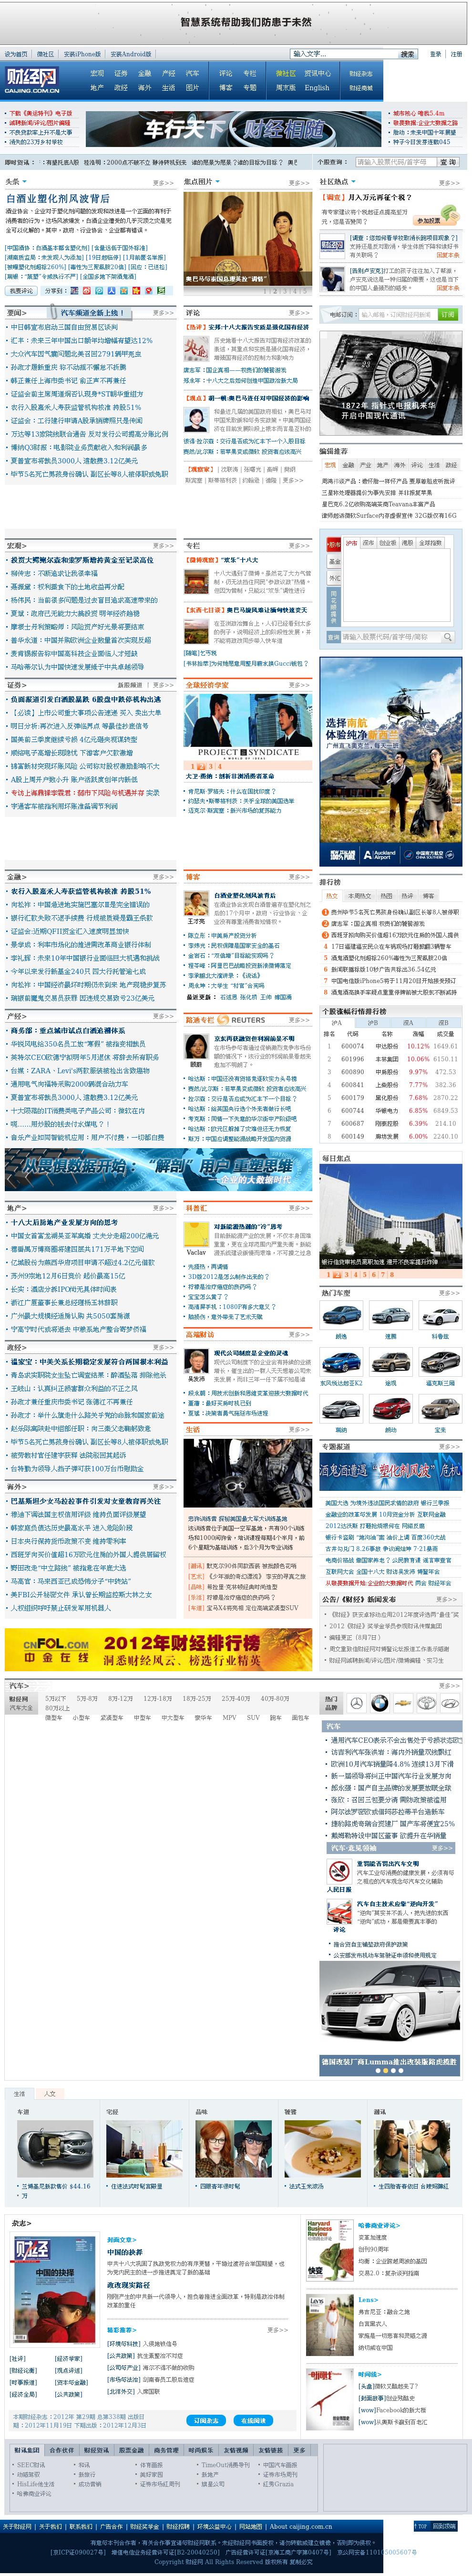 Caijing at Tuesday Nov. 20, 2012, 11:04 p.m. UTC